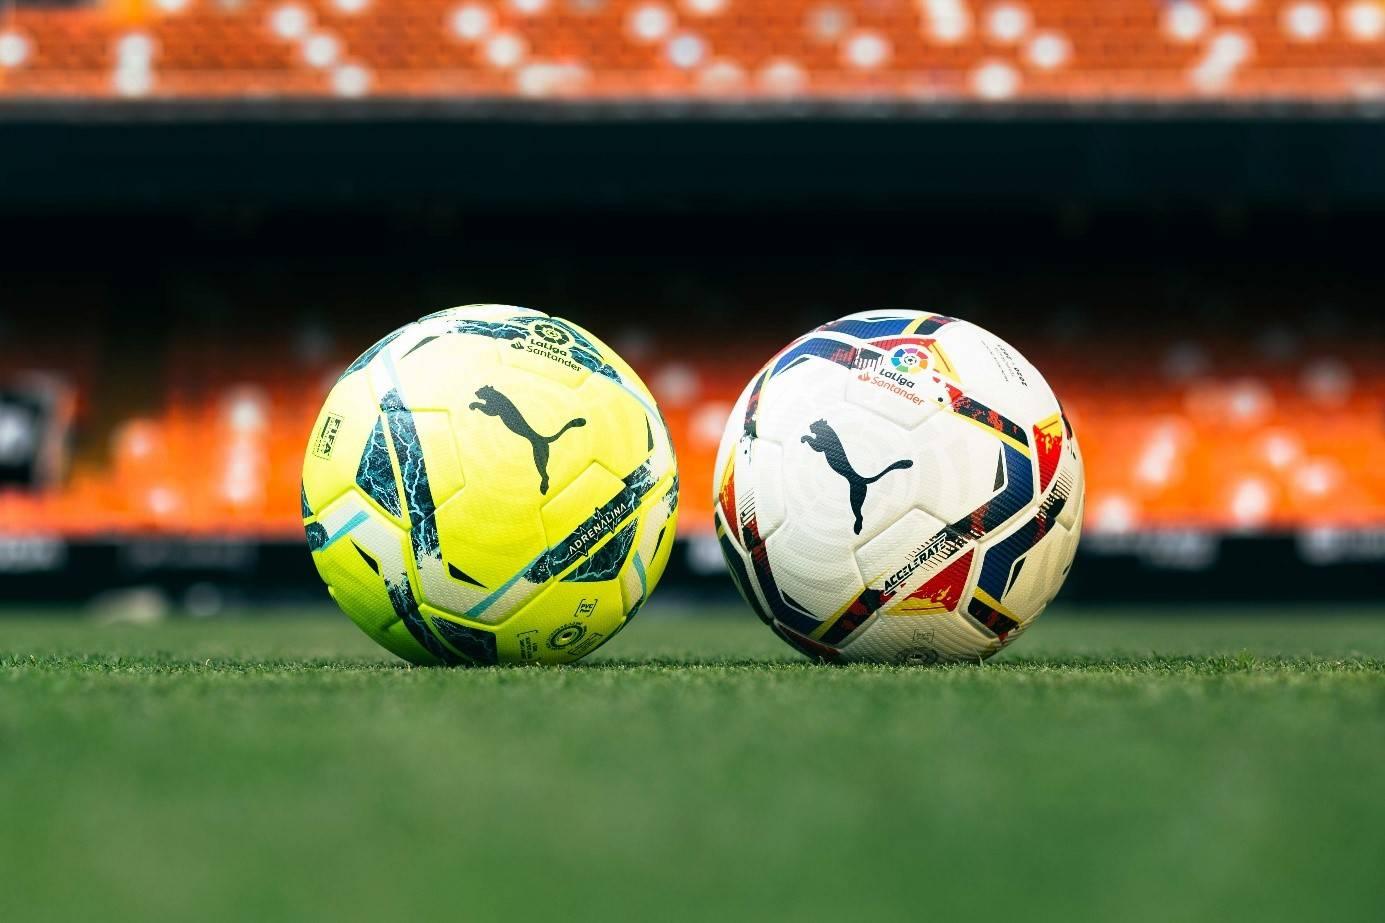 作为世界尖端足球赛事,西甲联盟致力于向所有